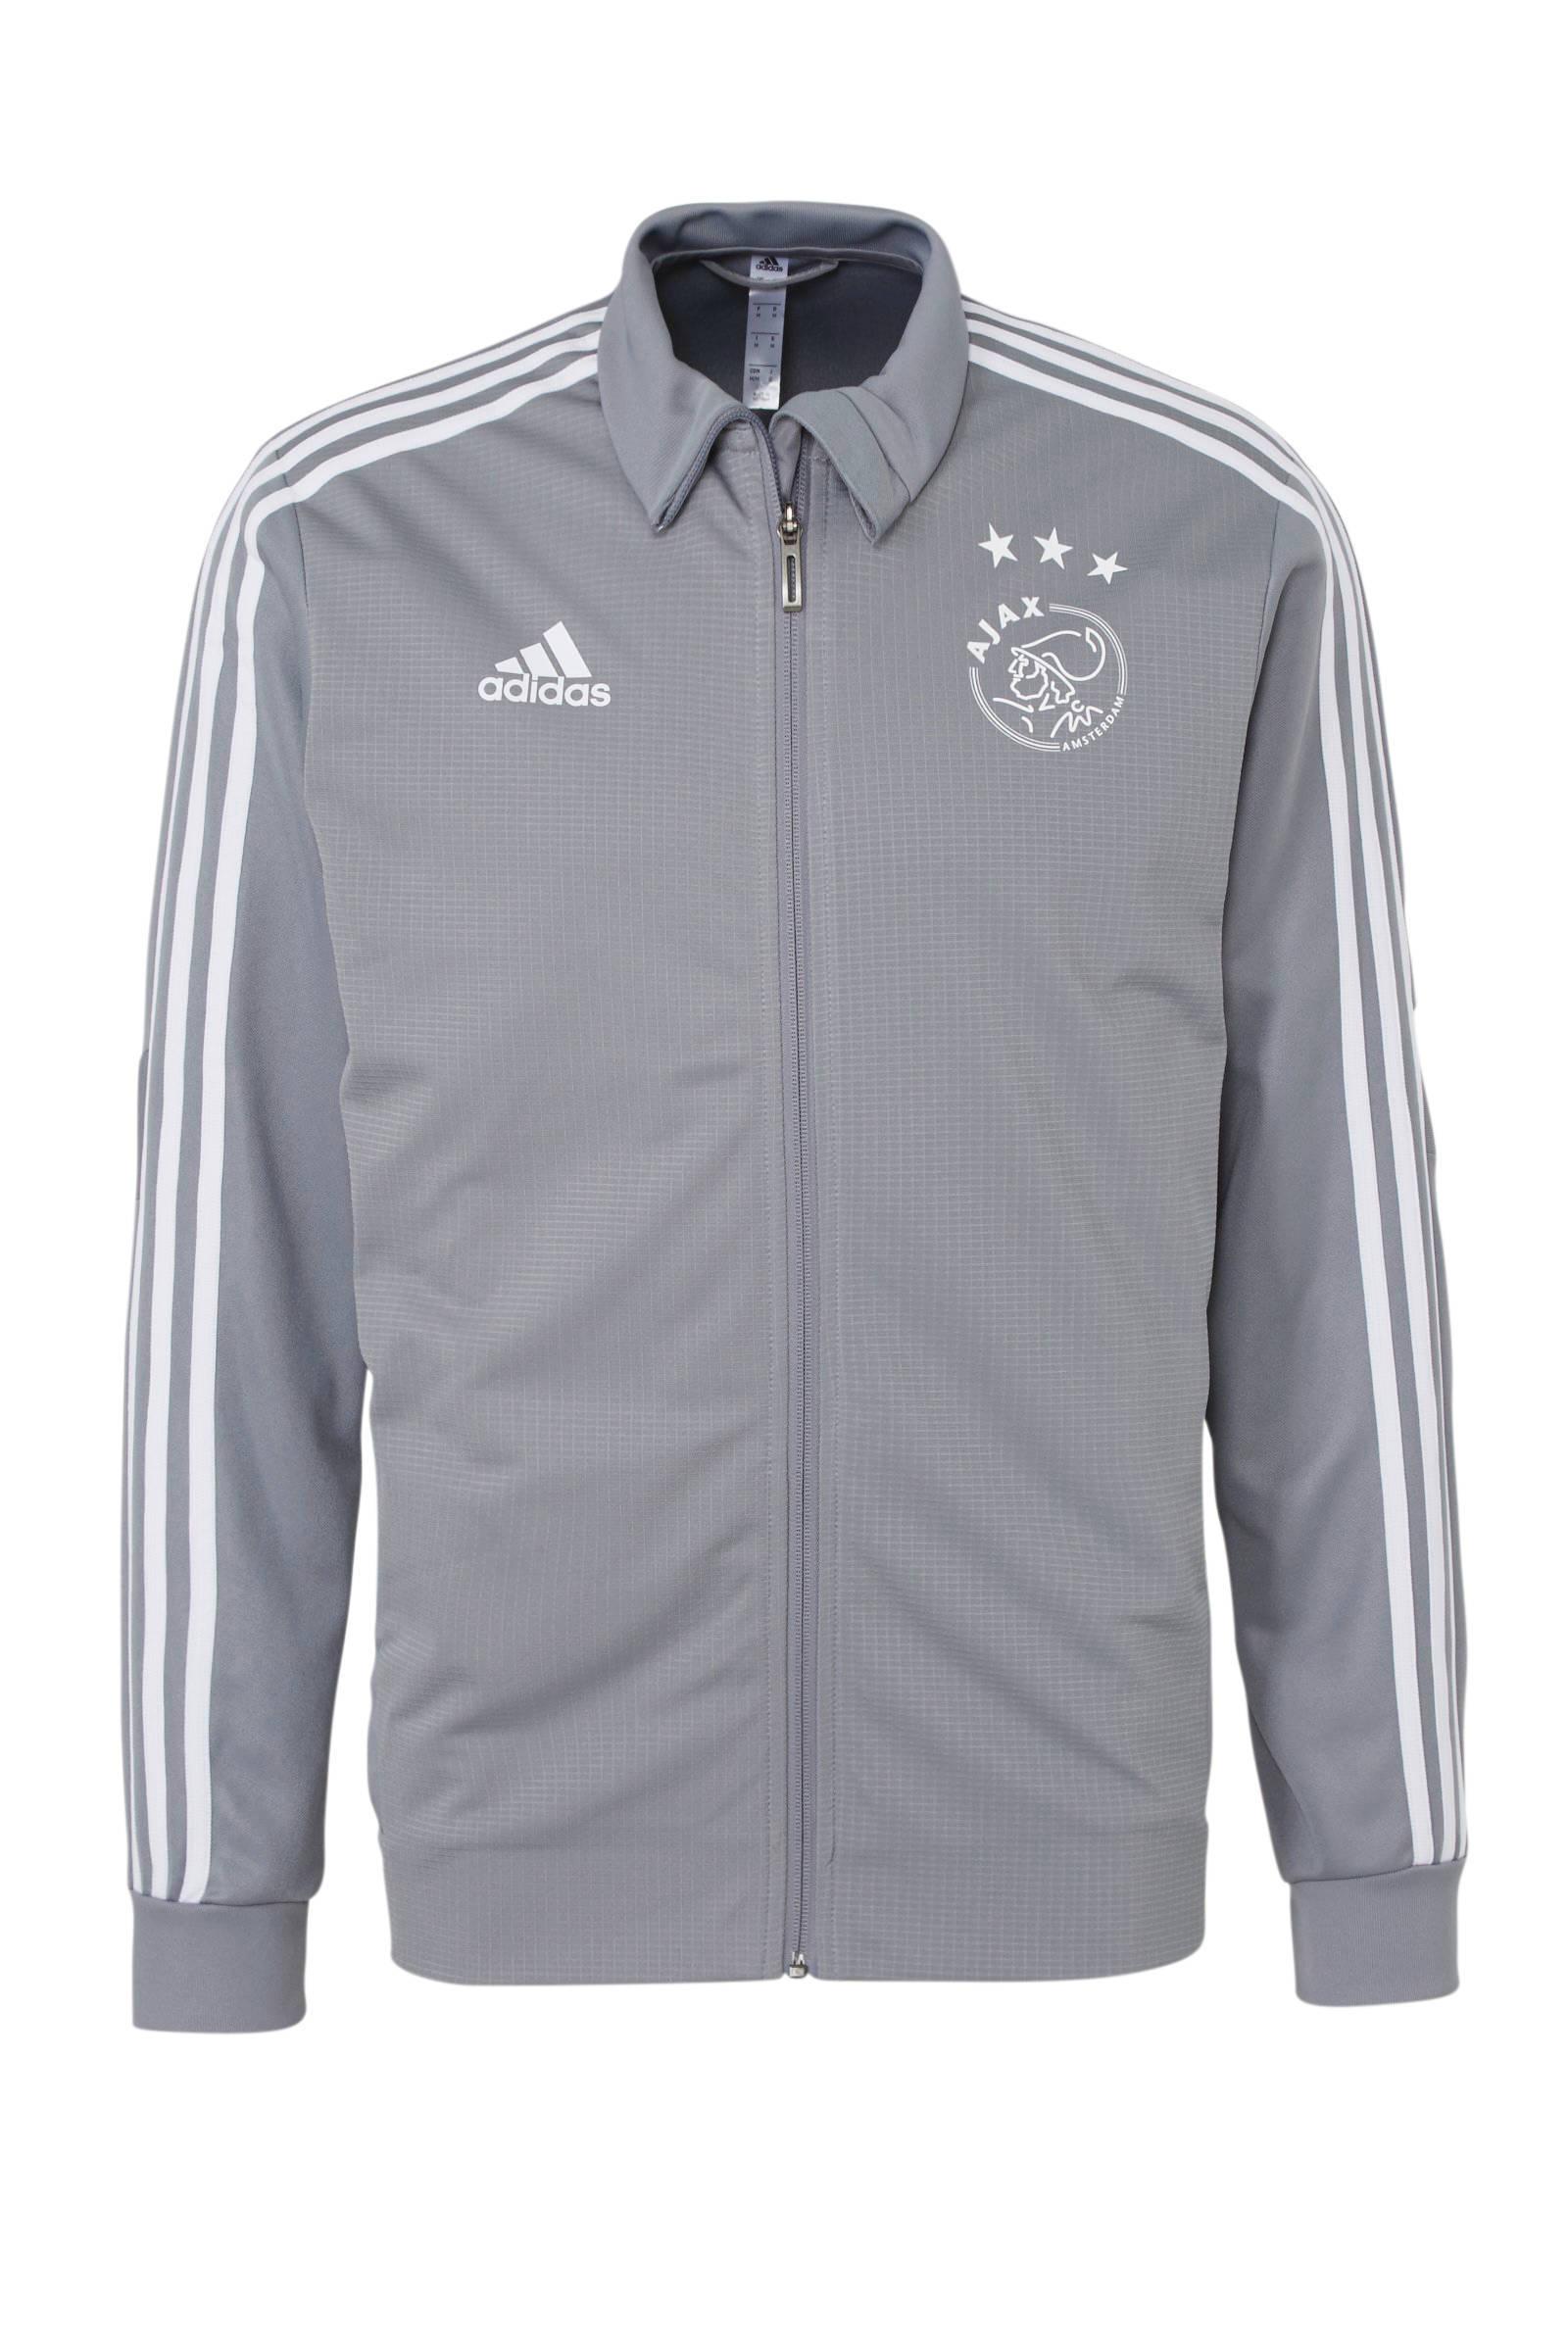 Senior Ajax voetbaljack Training